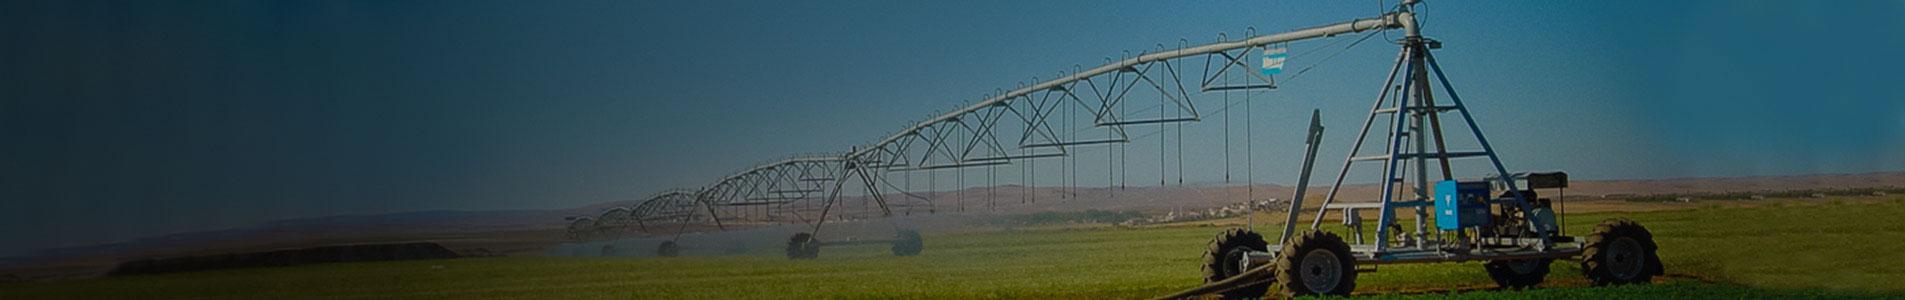 valley universal linear irrigation machine